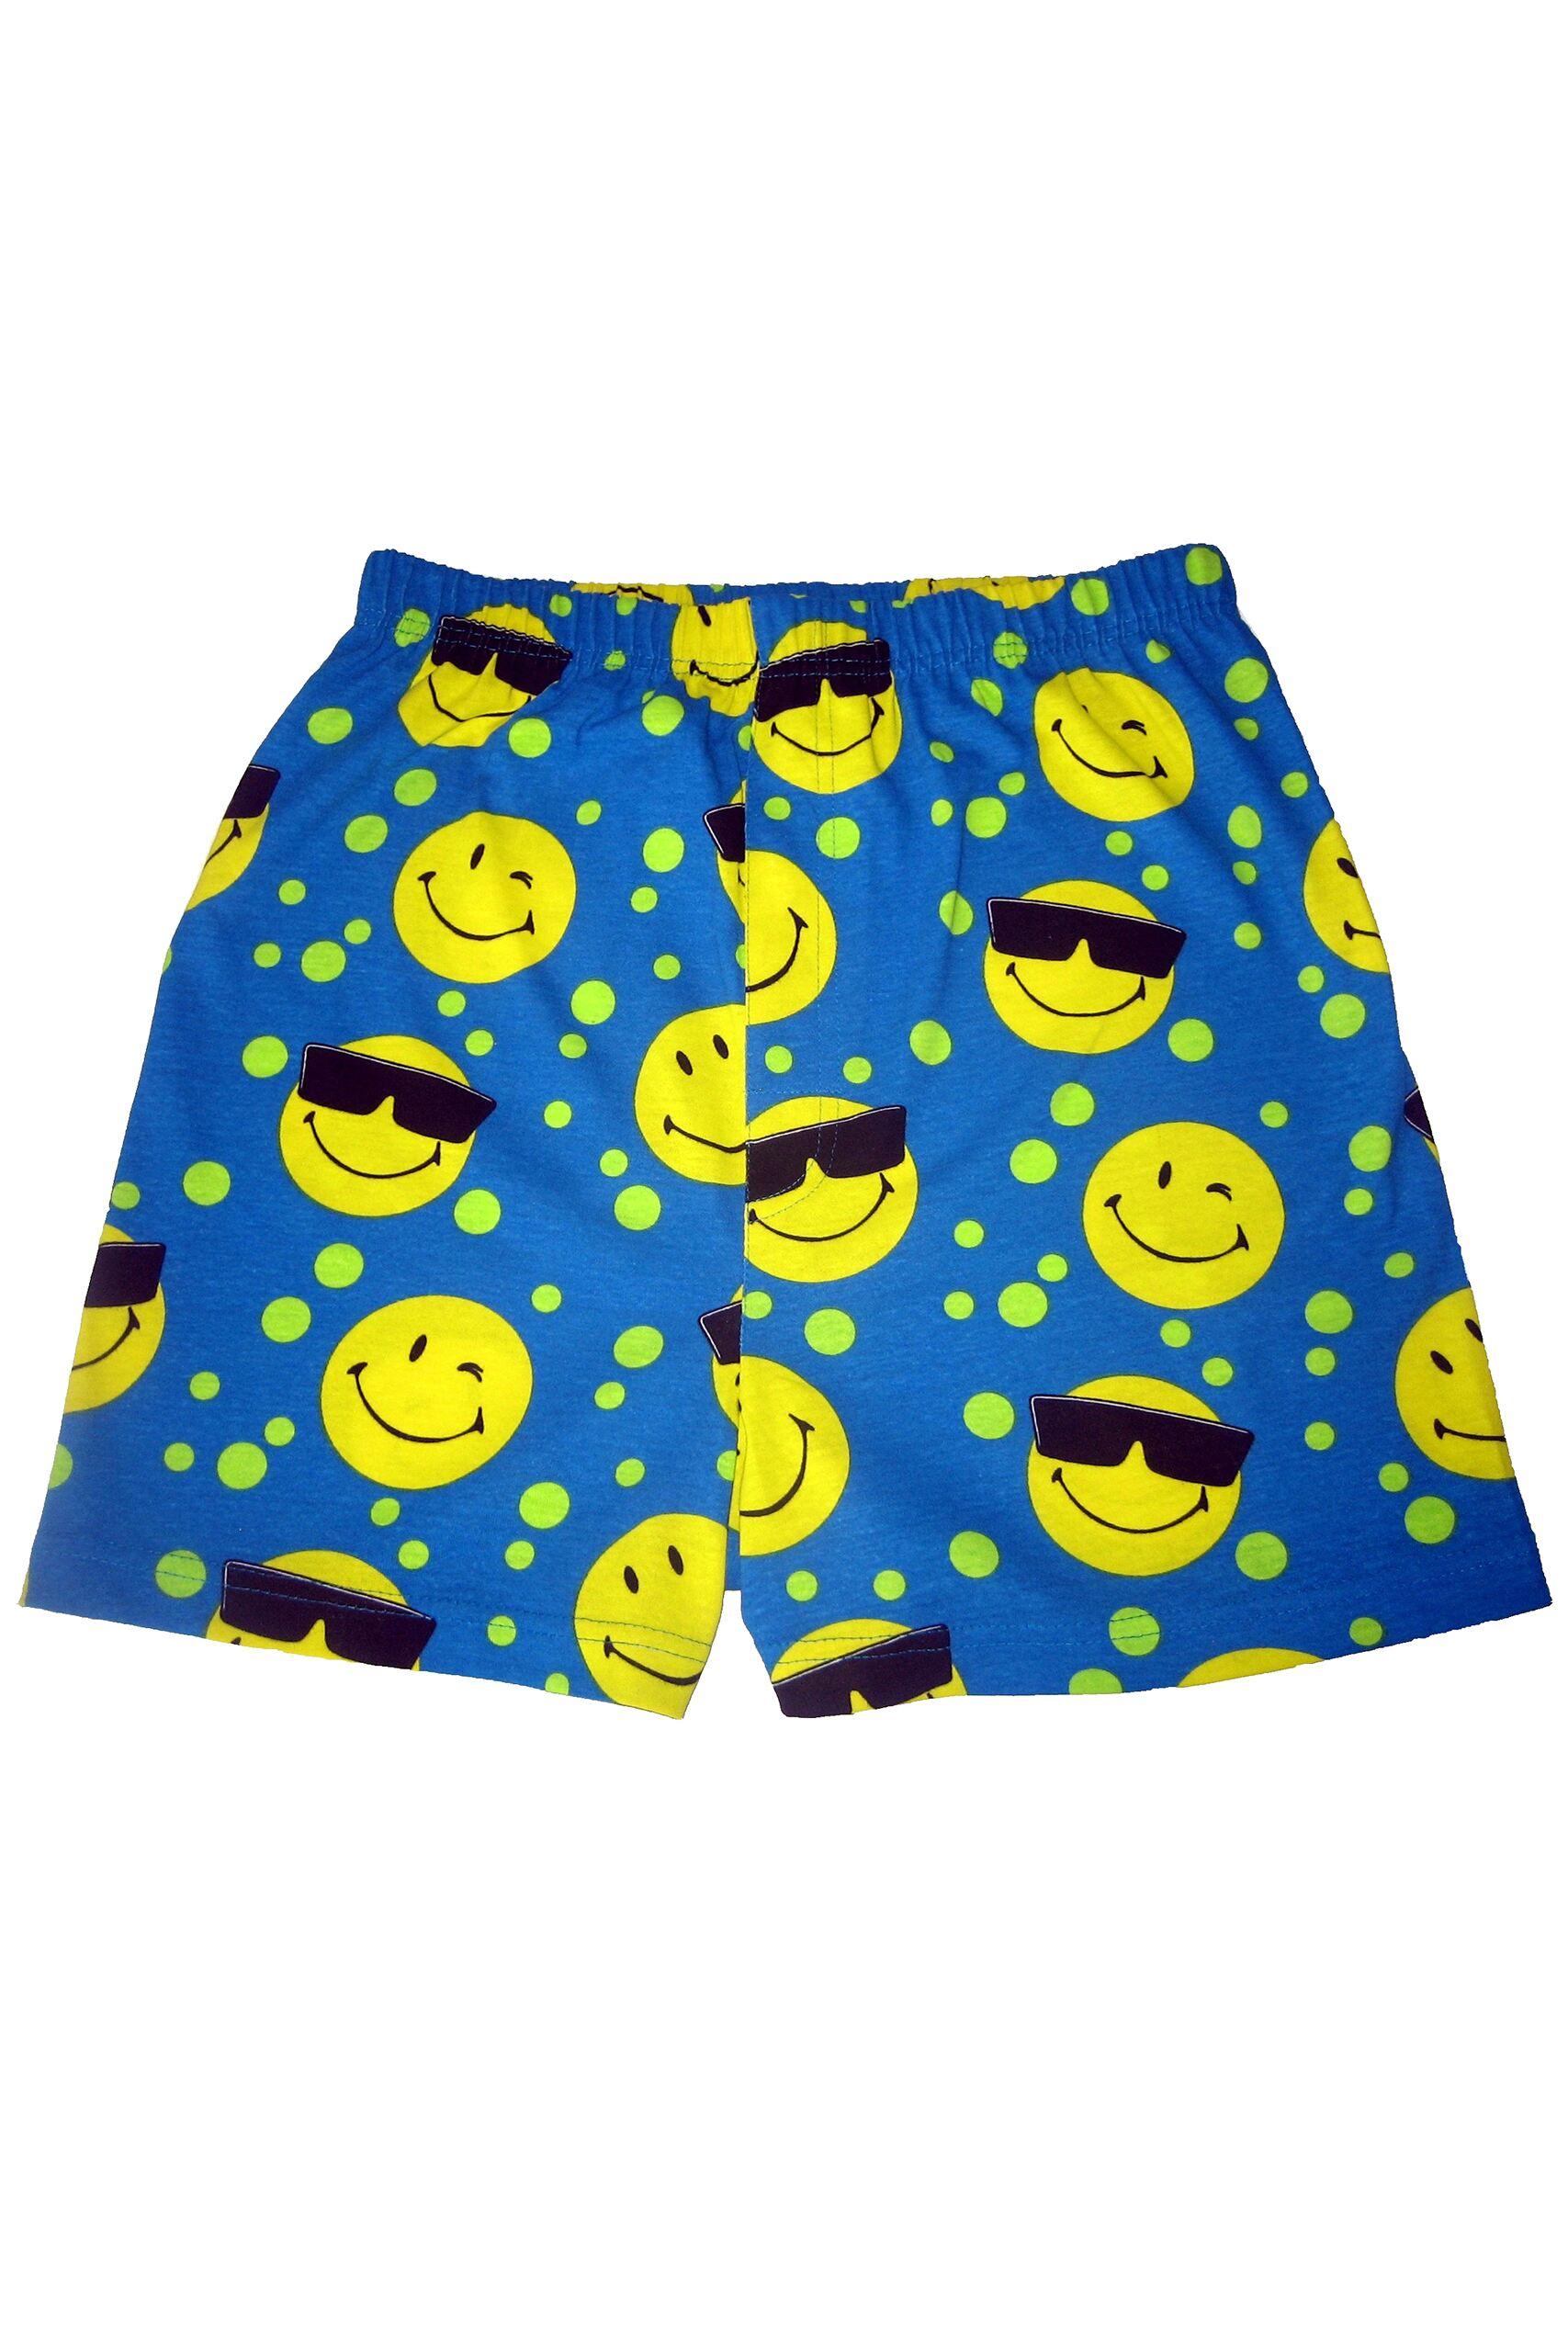 Image of 1 Pack Blue Magic Boxer Shorts In Smiley Pattern Men's Large - SOCKSHOP